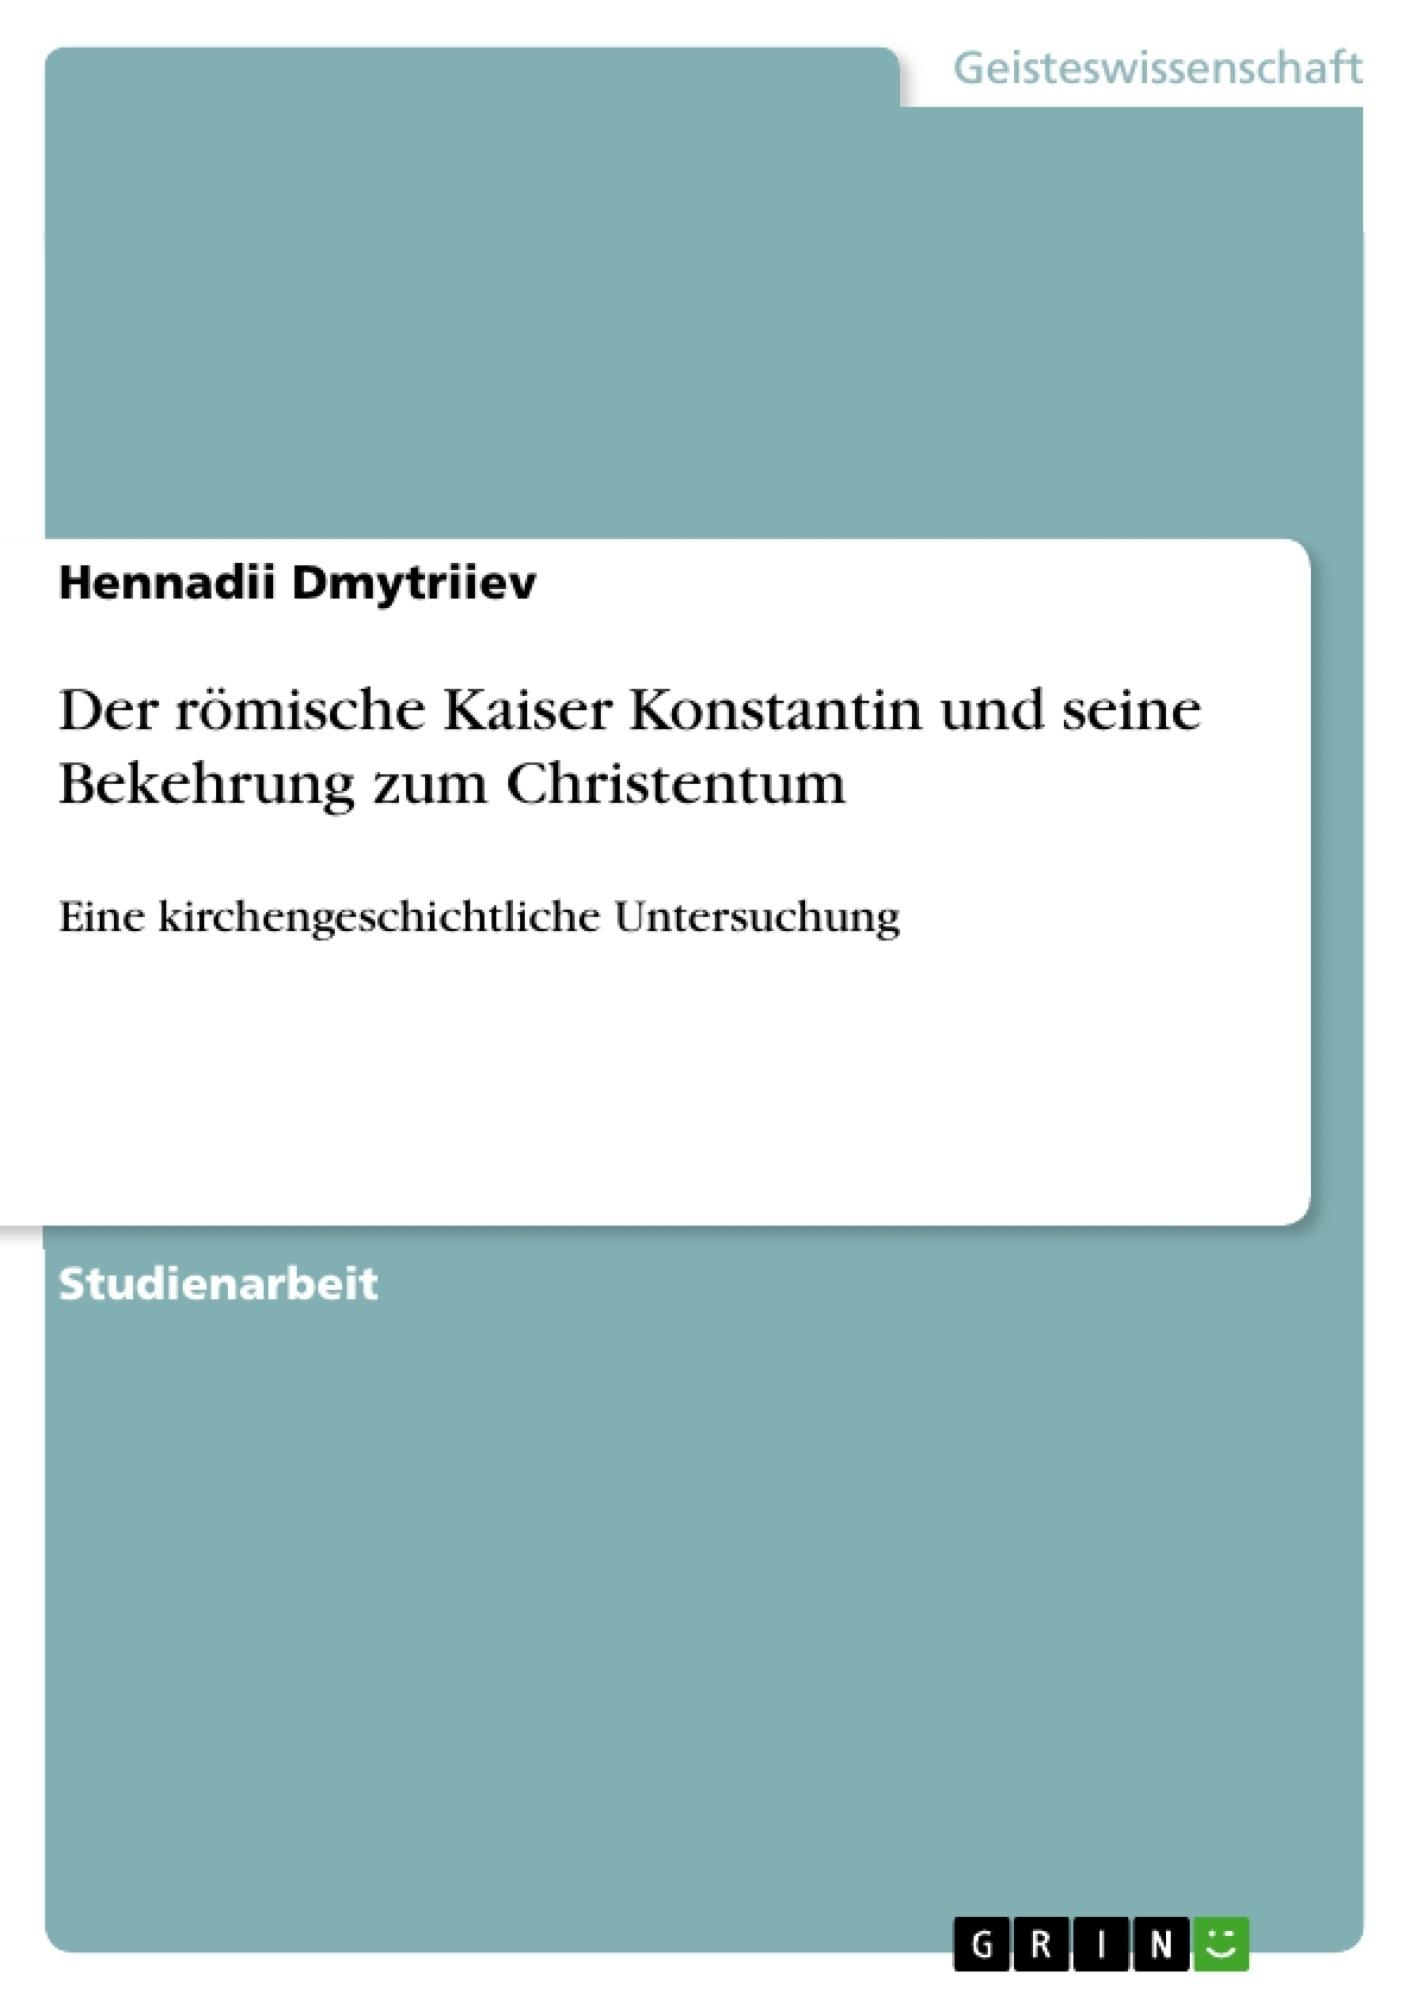 Titel: Der römische Kaiser Konstantin und seine Bekehrung zum Christentum